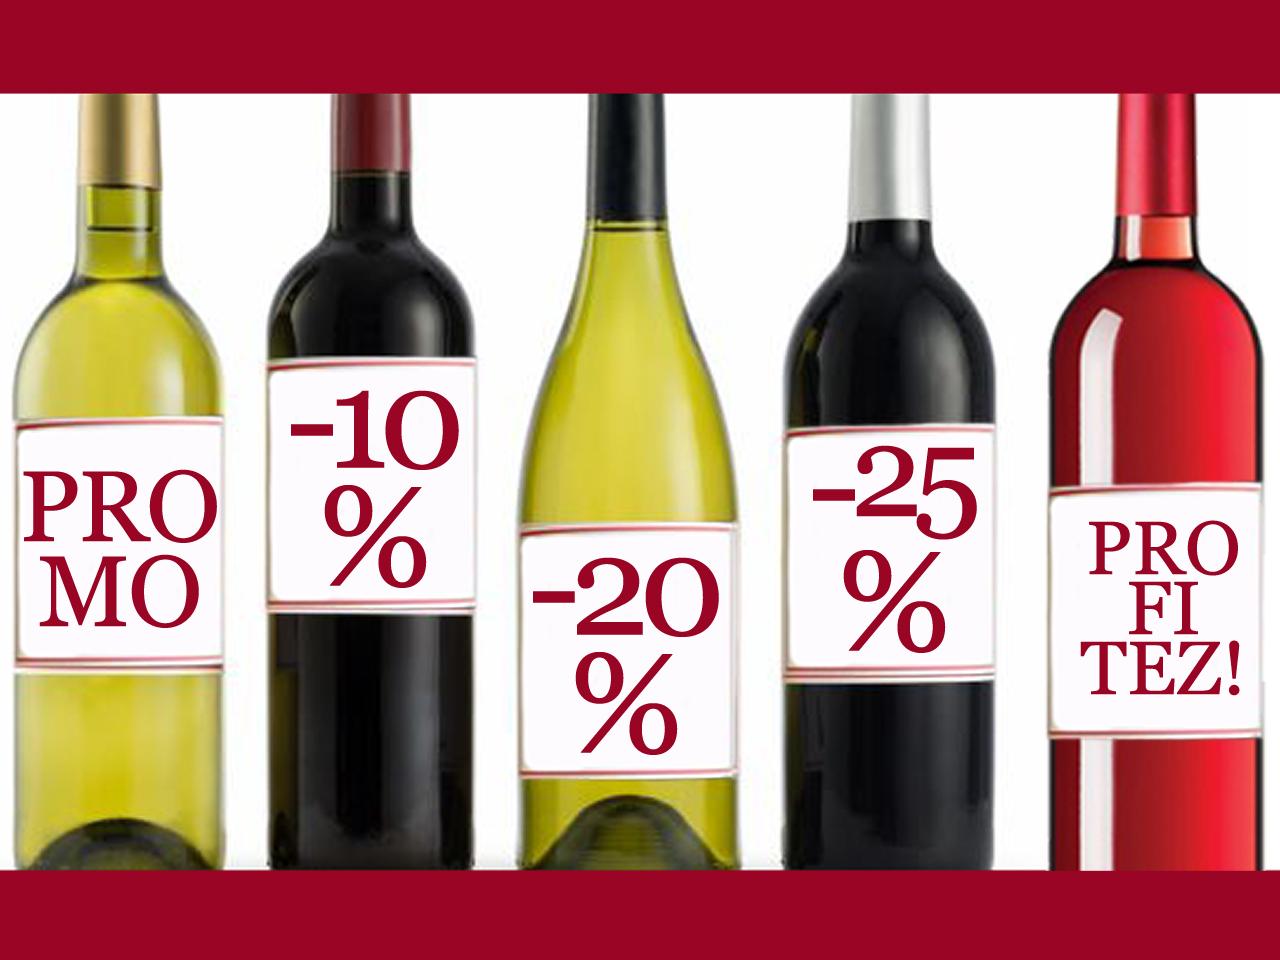 solde d'été promo vins